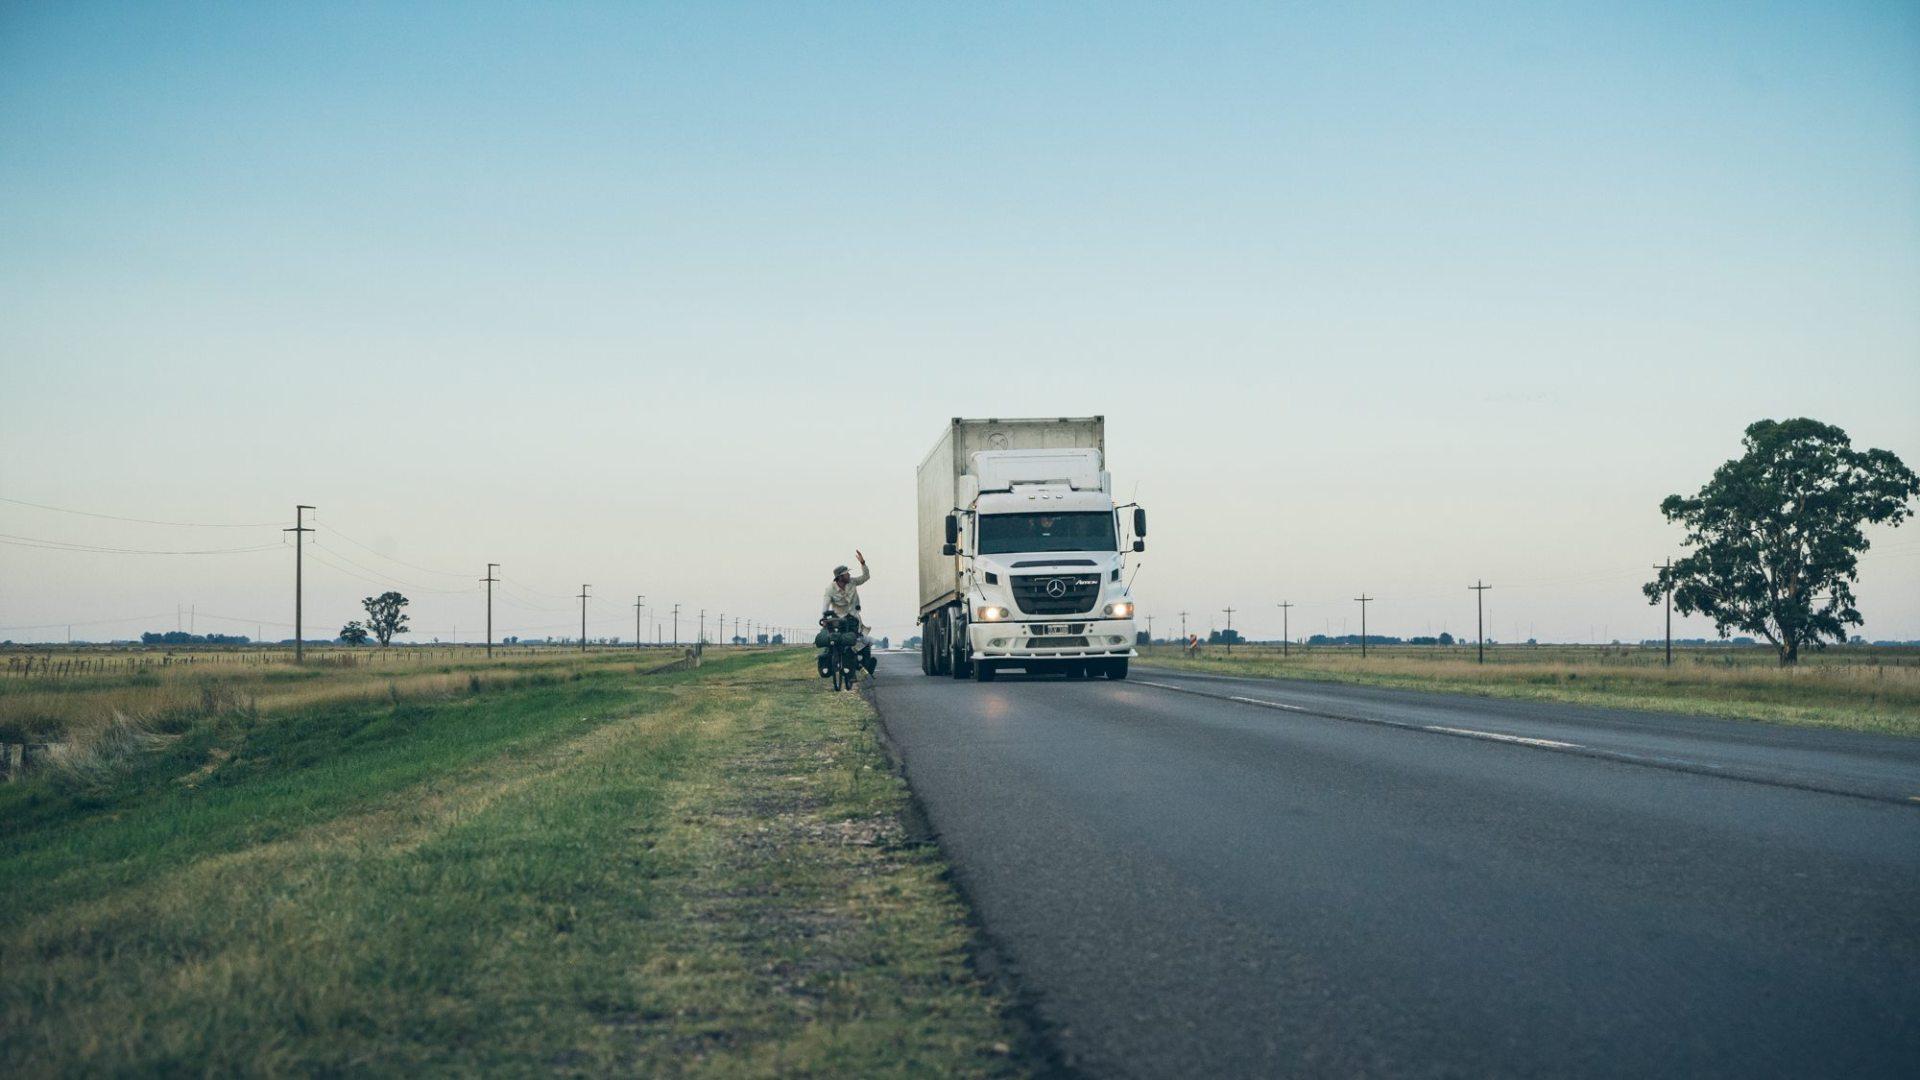 Certains camions ne s'écartent pas assez